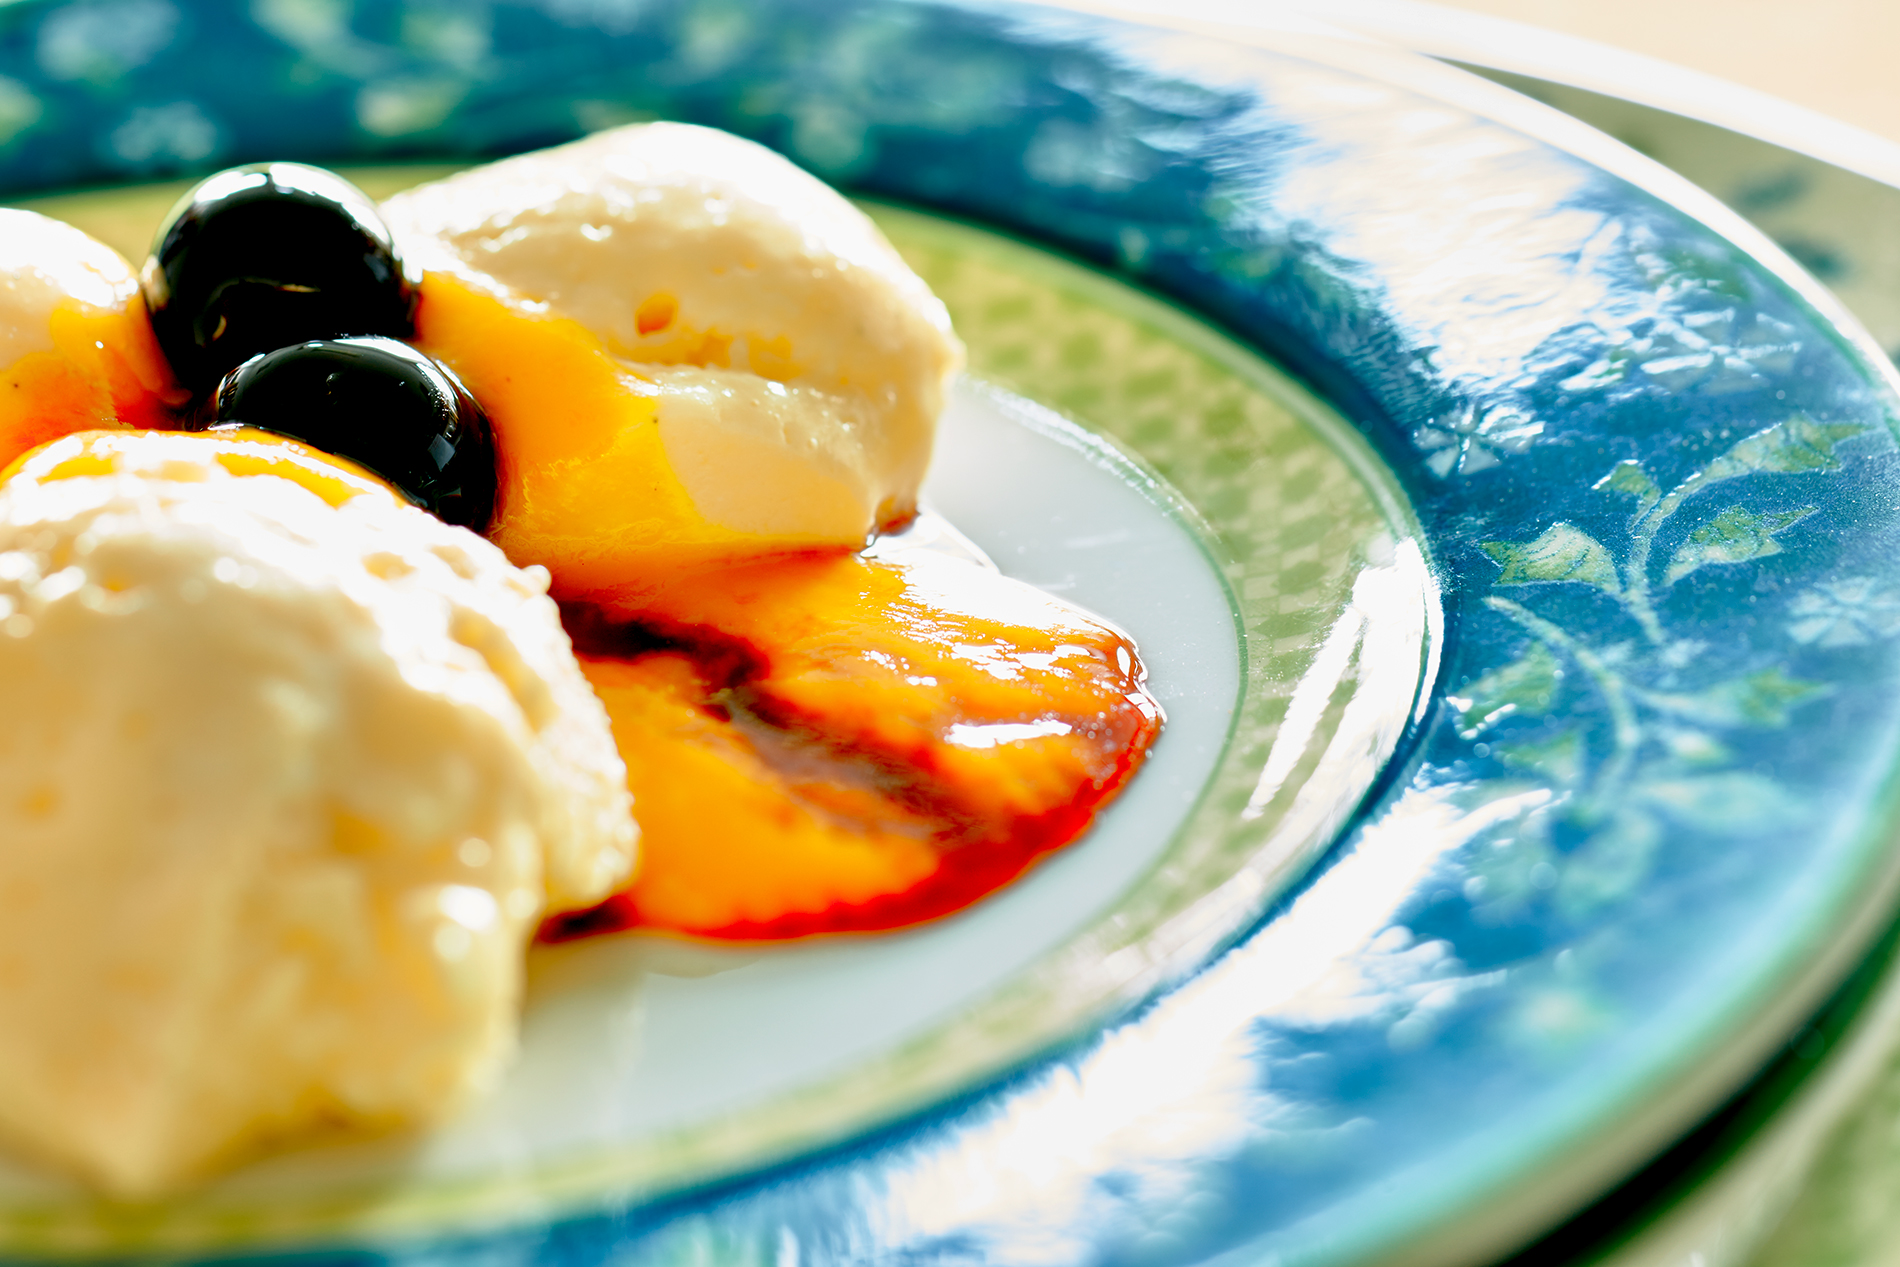 Bayrisch Creme mit Mango-Püree und Amarena-Kirschen auf einem blau-grünen Teller